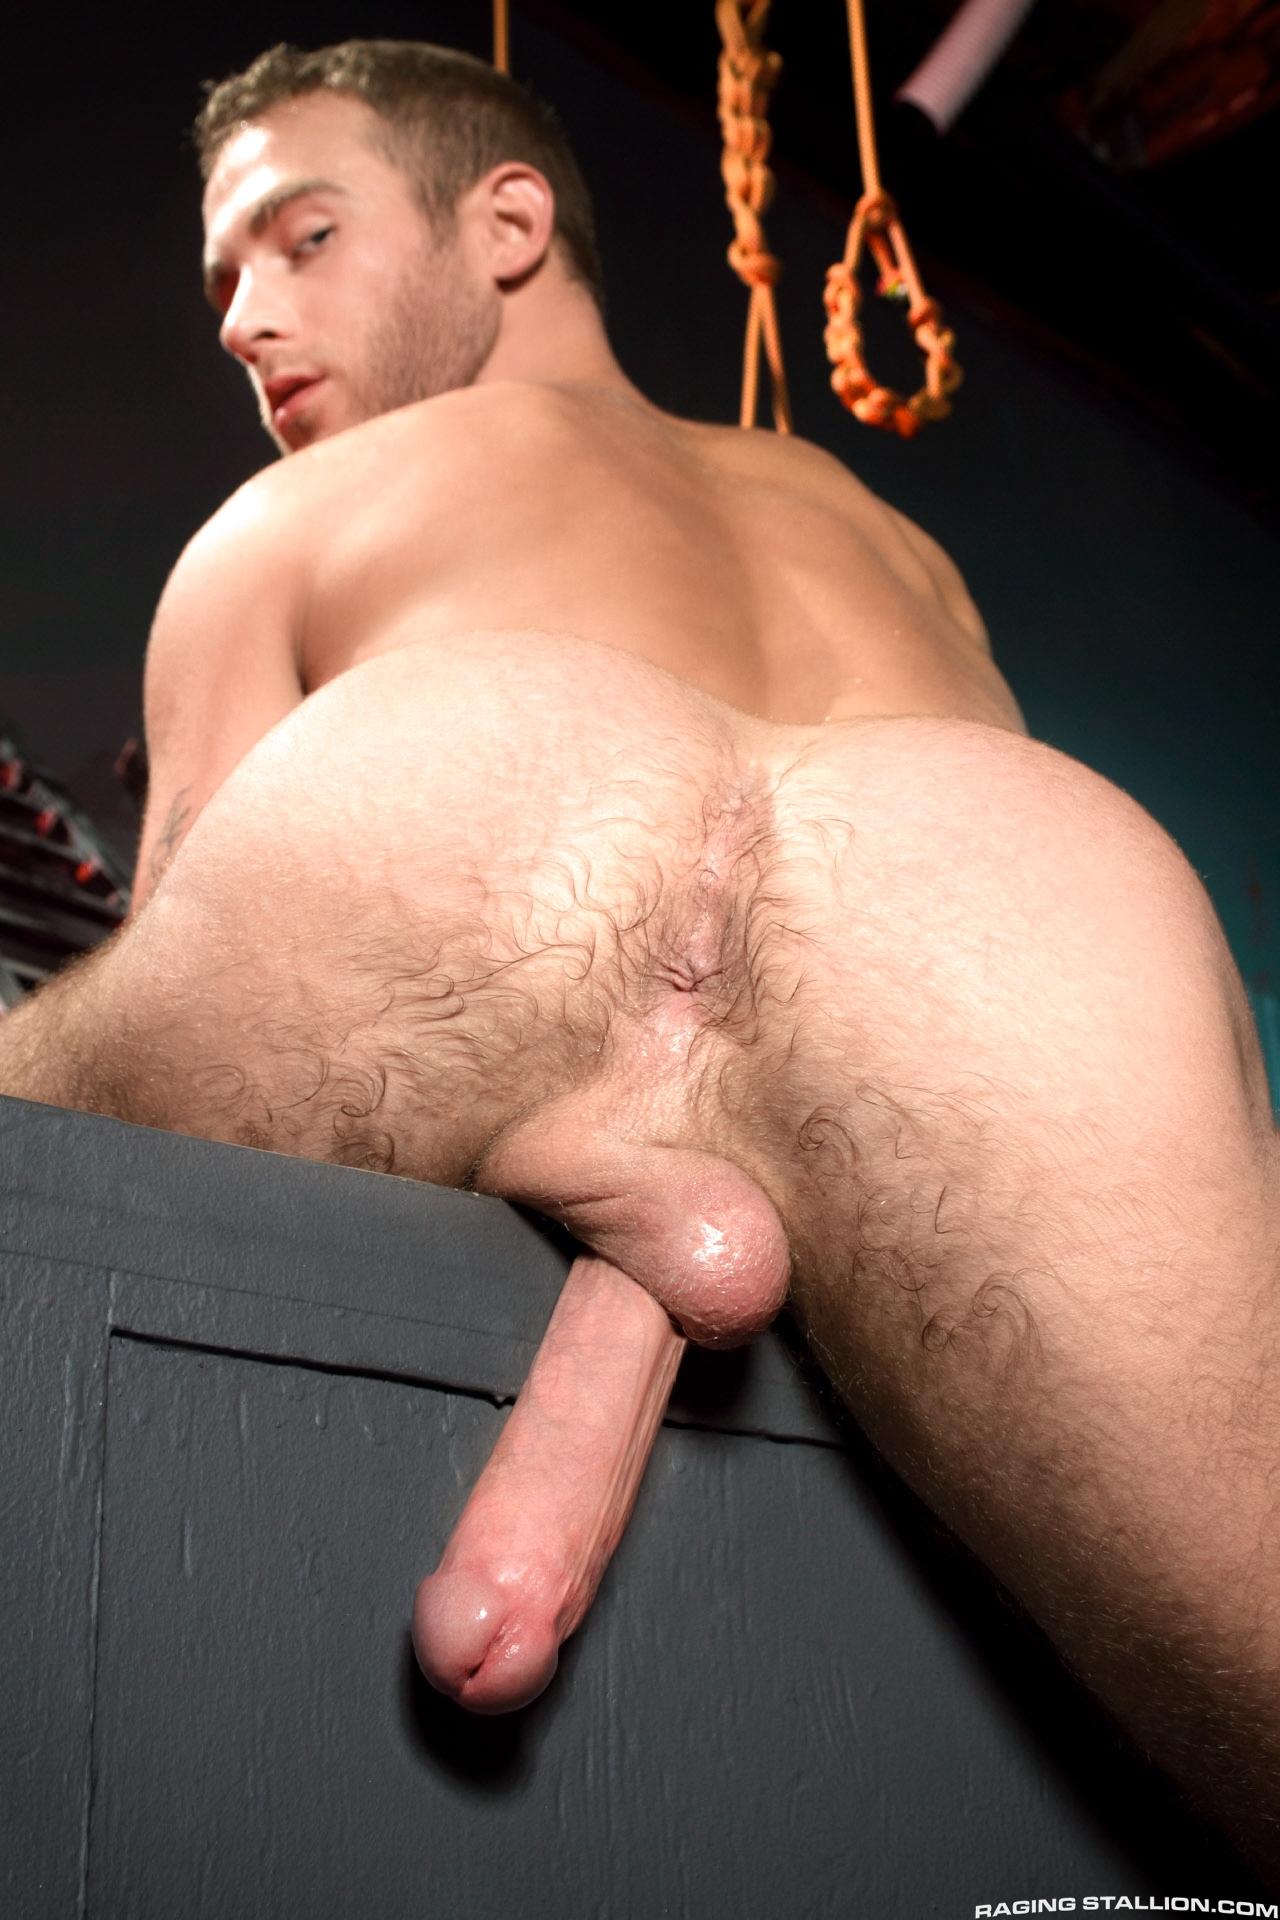 Ewan mcgregor shows off his gorgeous ass & cock